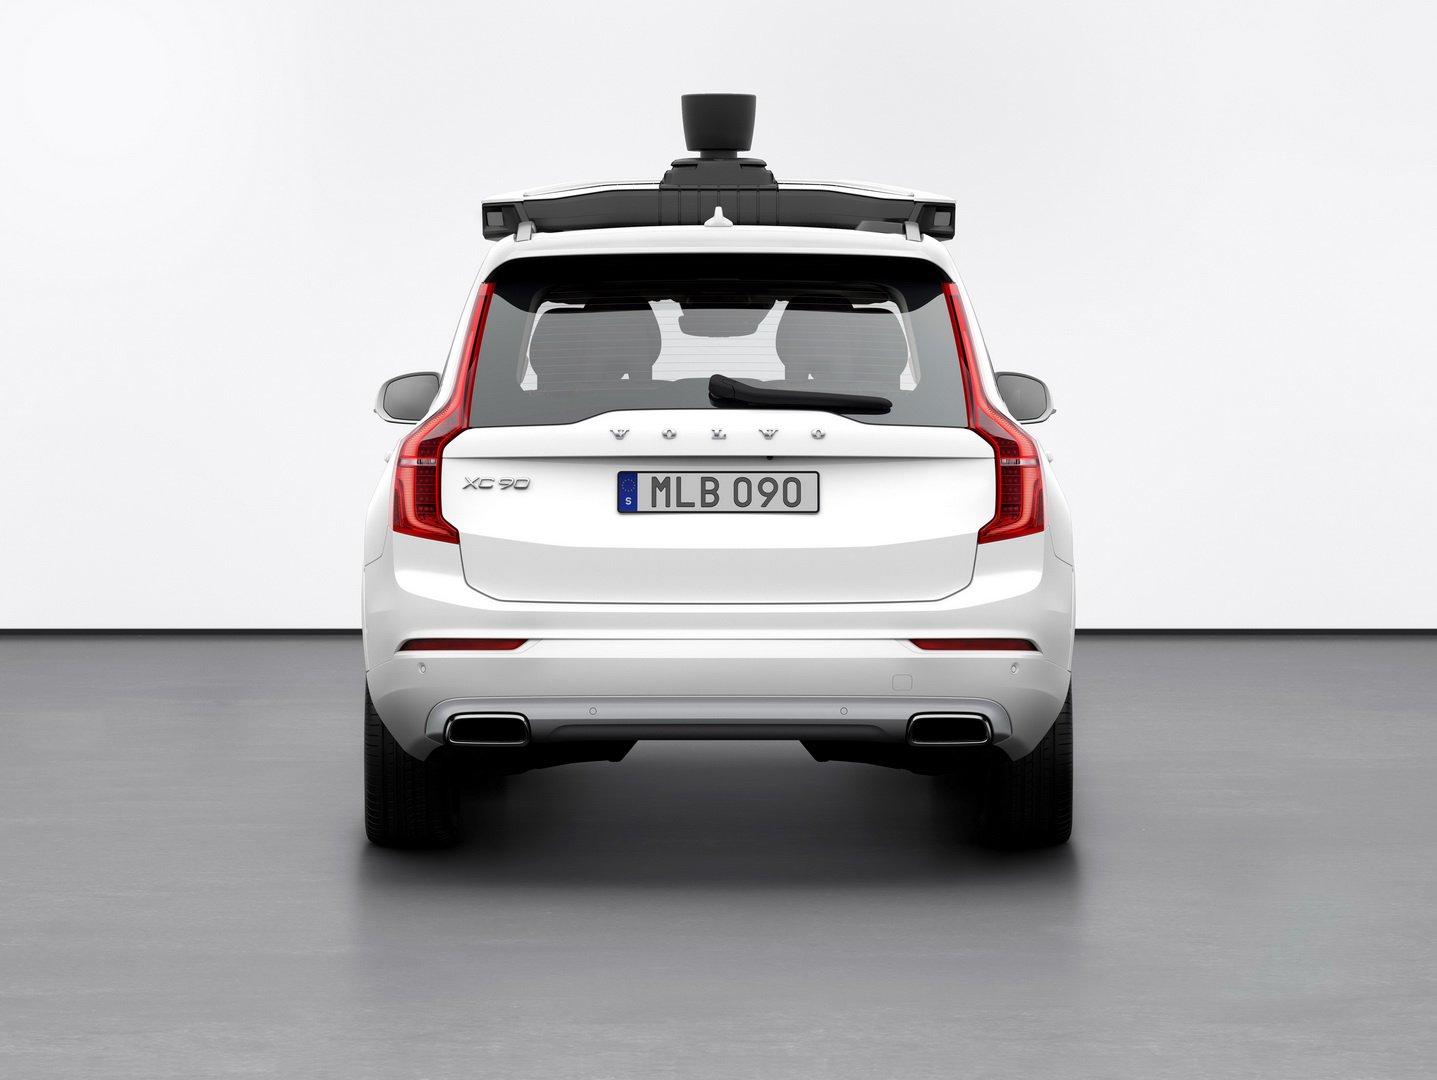 Volvo-XC90-autonomous-Uber-4